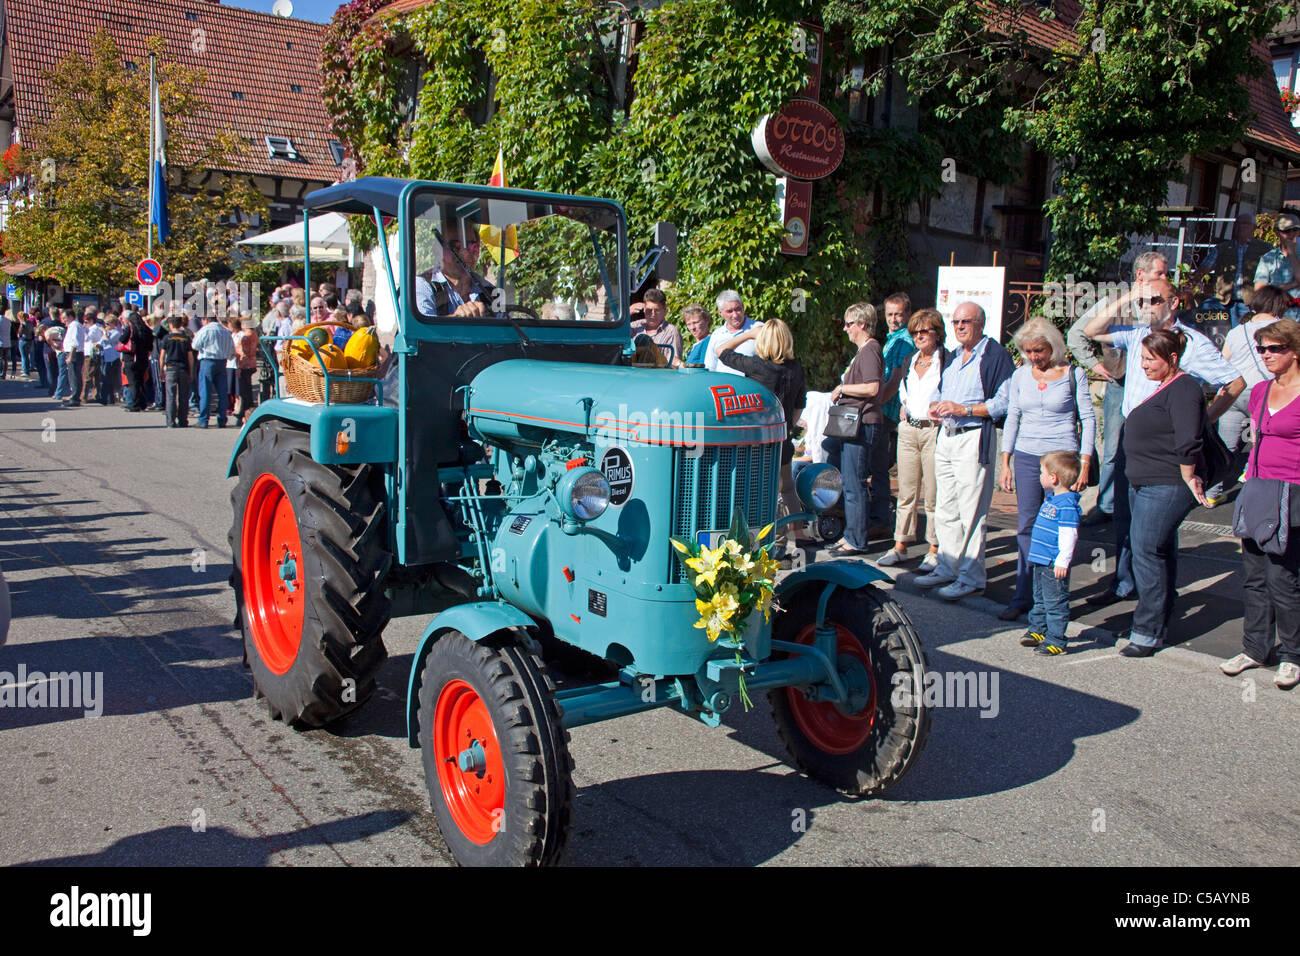 Primus Oldtimer Traktor, Festumzug Erntedankfest, Weinfest, Traktor Oldtimer Erntedankfest Thanksgiving Tag Schwarzwald Stockbild